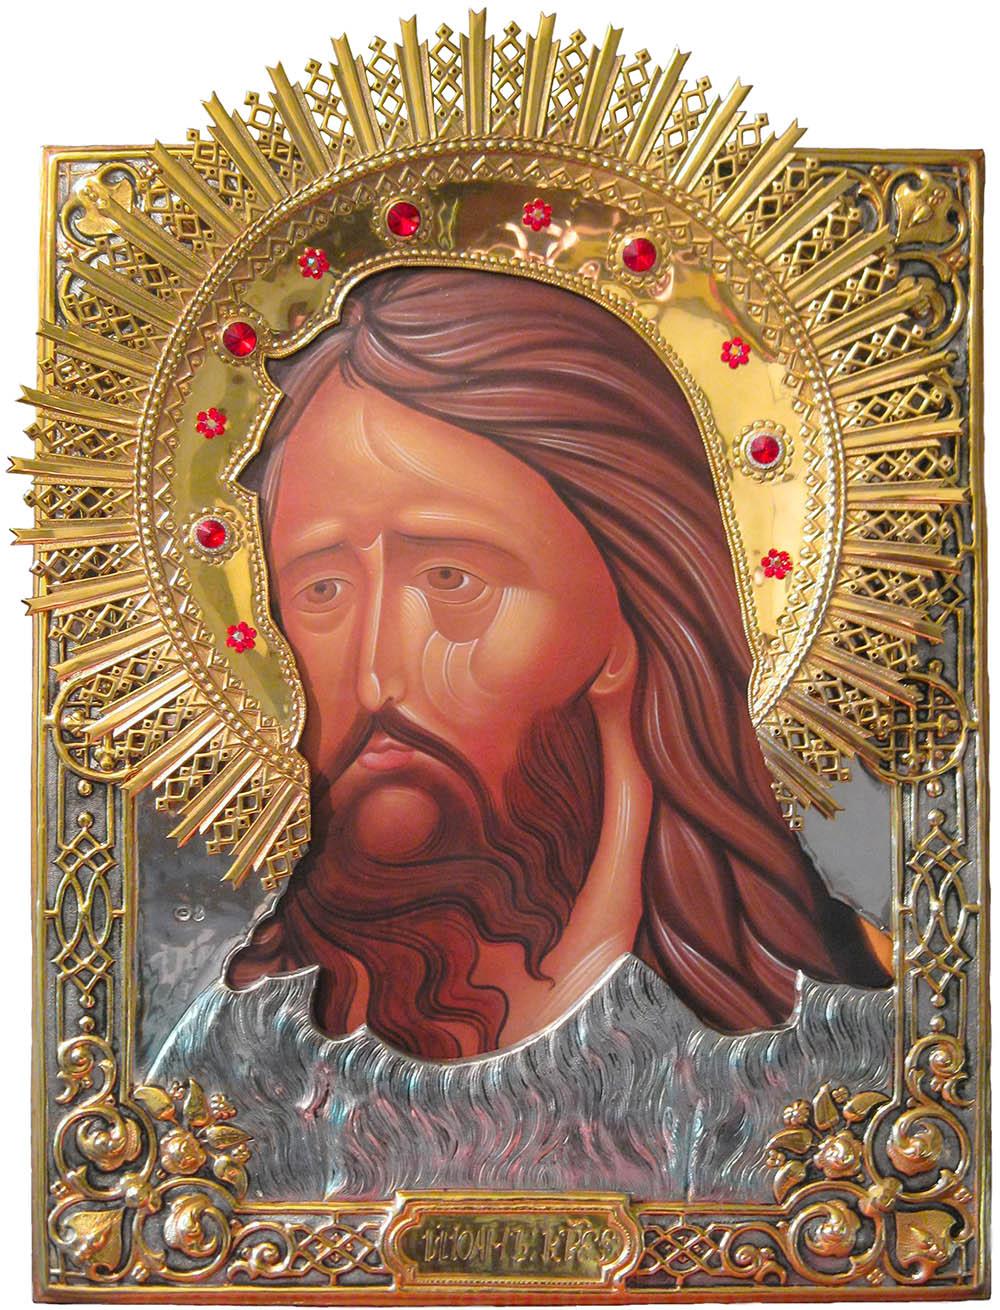 фото храмовая икона святого Иоанна Предтечи и Крестителя Господня большого размера